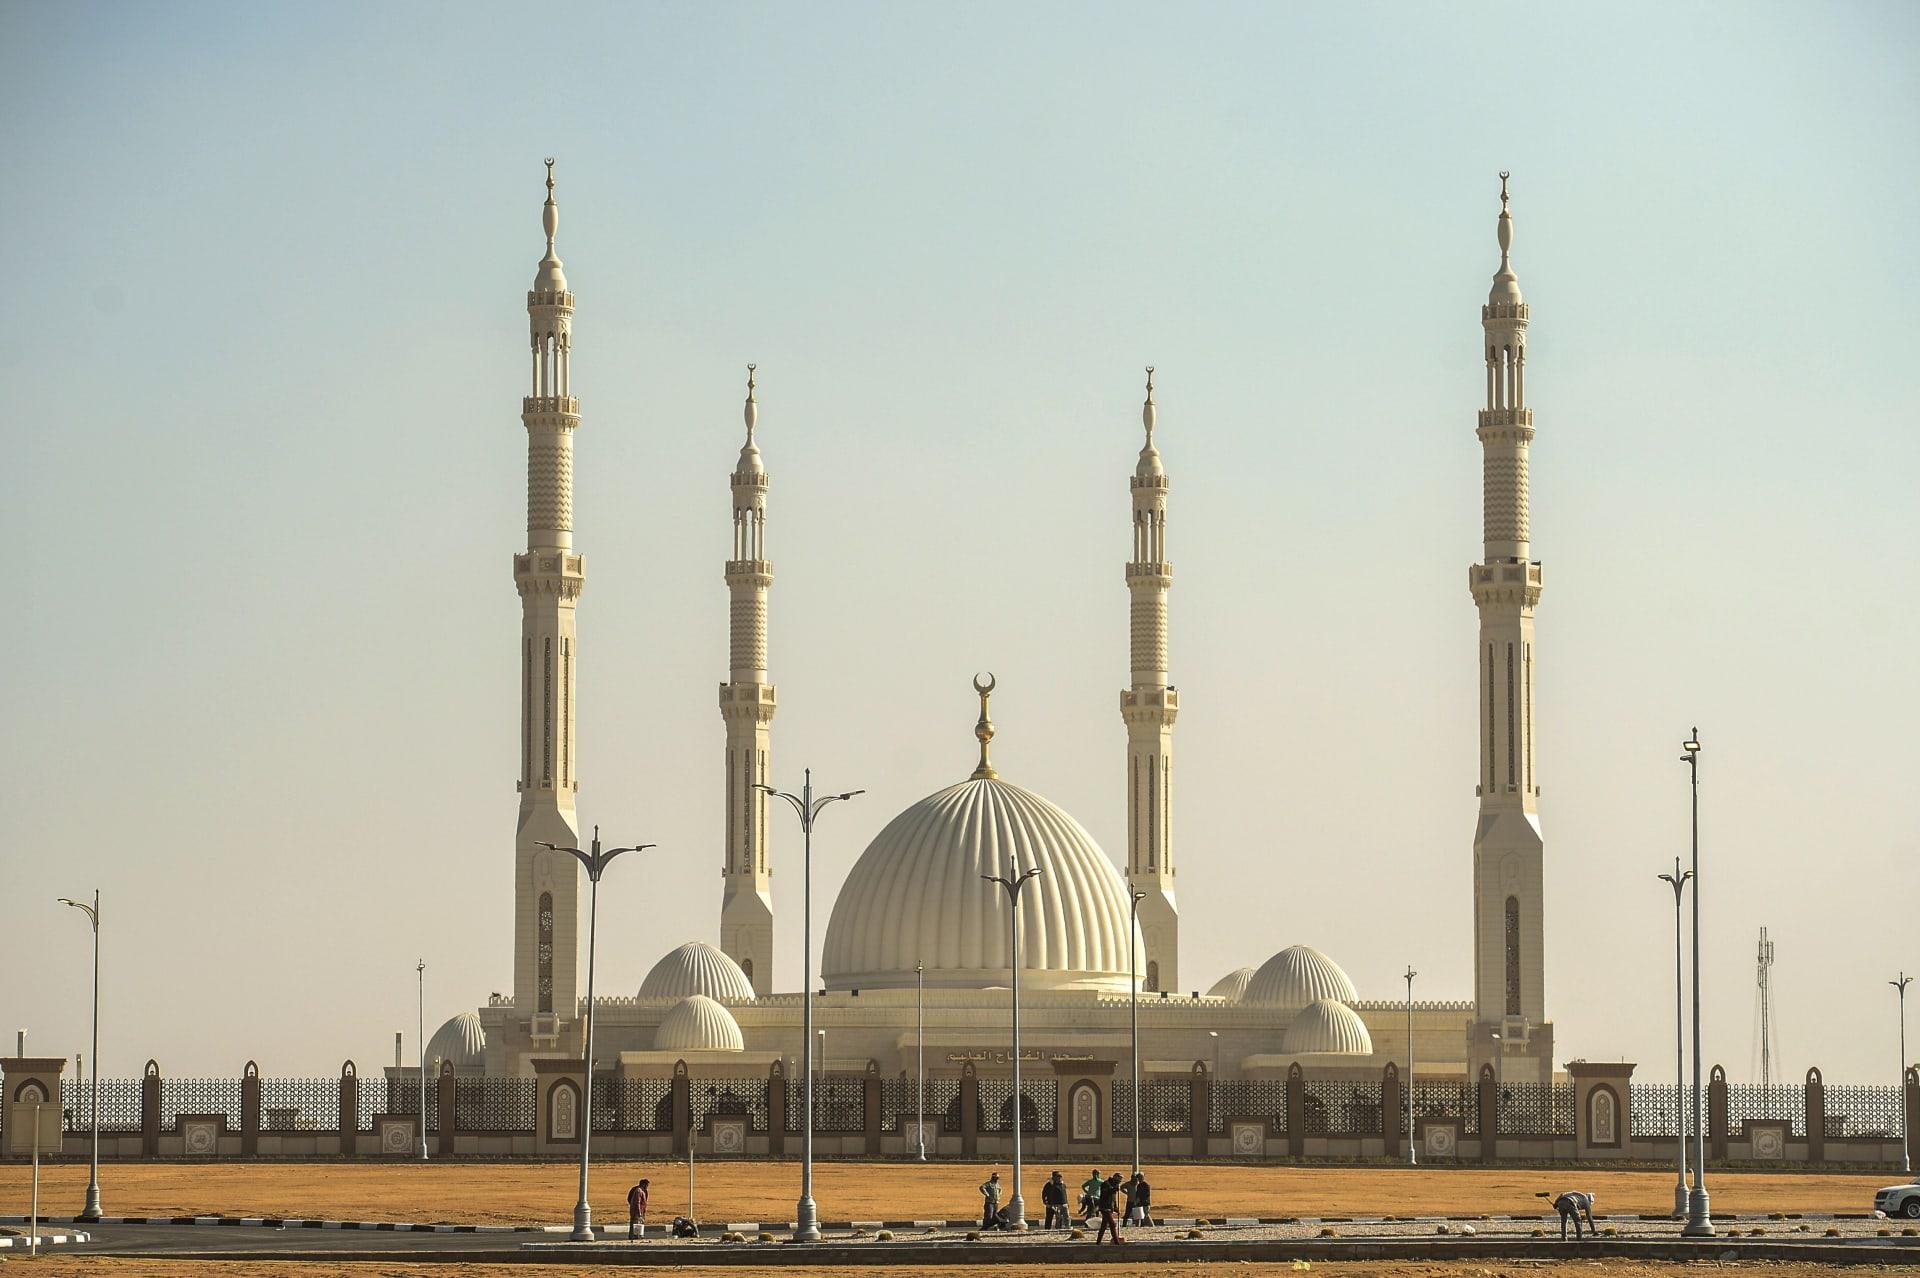 """البابا تواضروس في مسجد """"الفتاح العليم"""": المآذن تعانق منارات الكاتدرائية"""